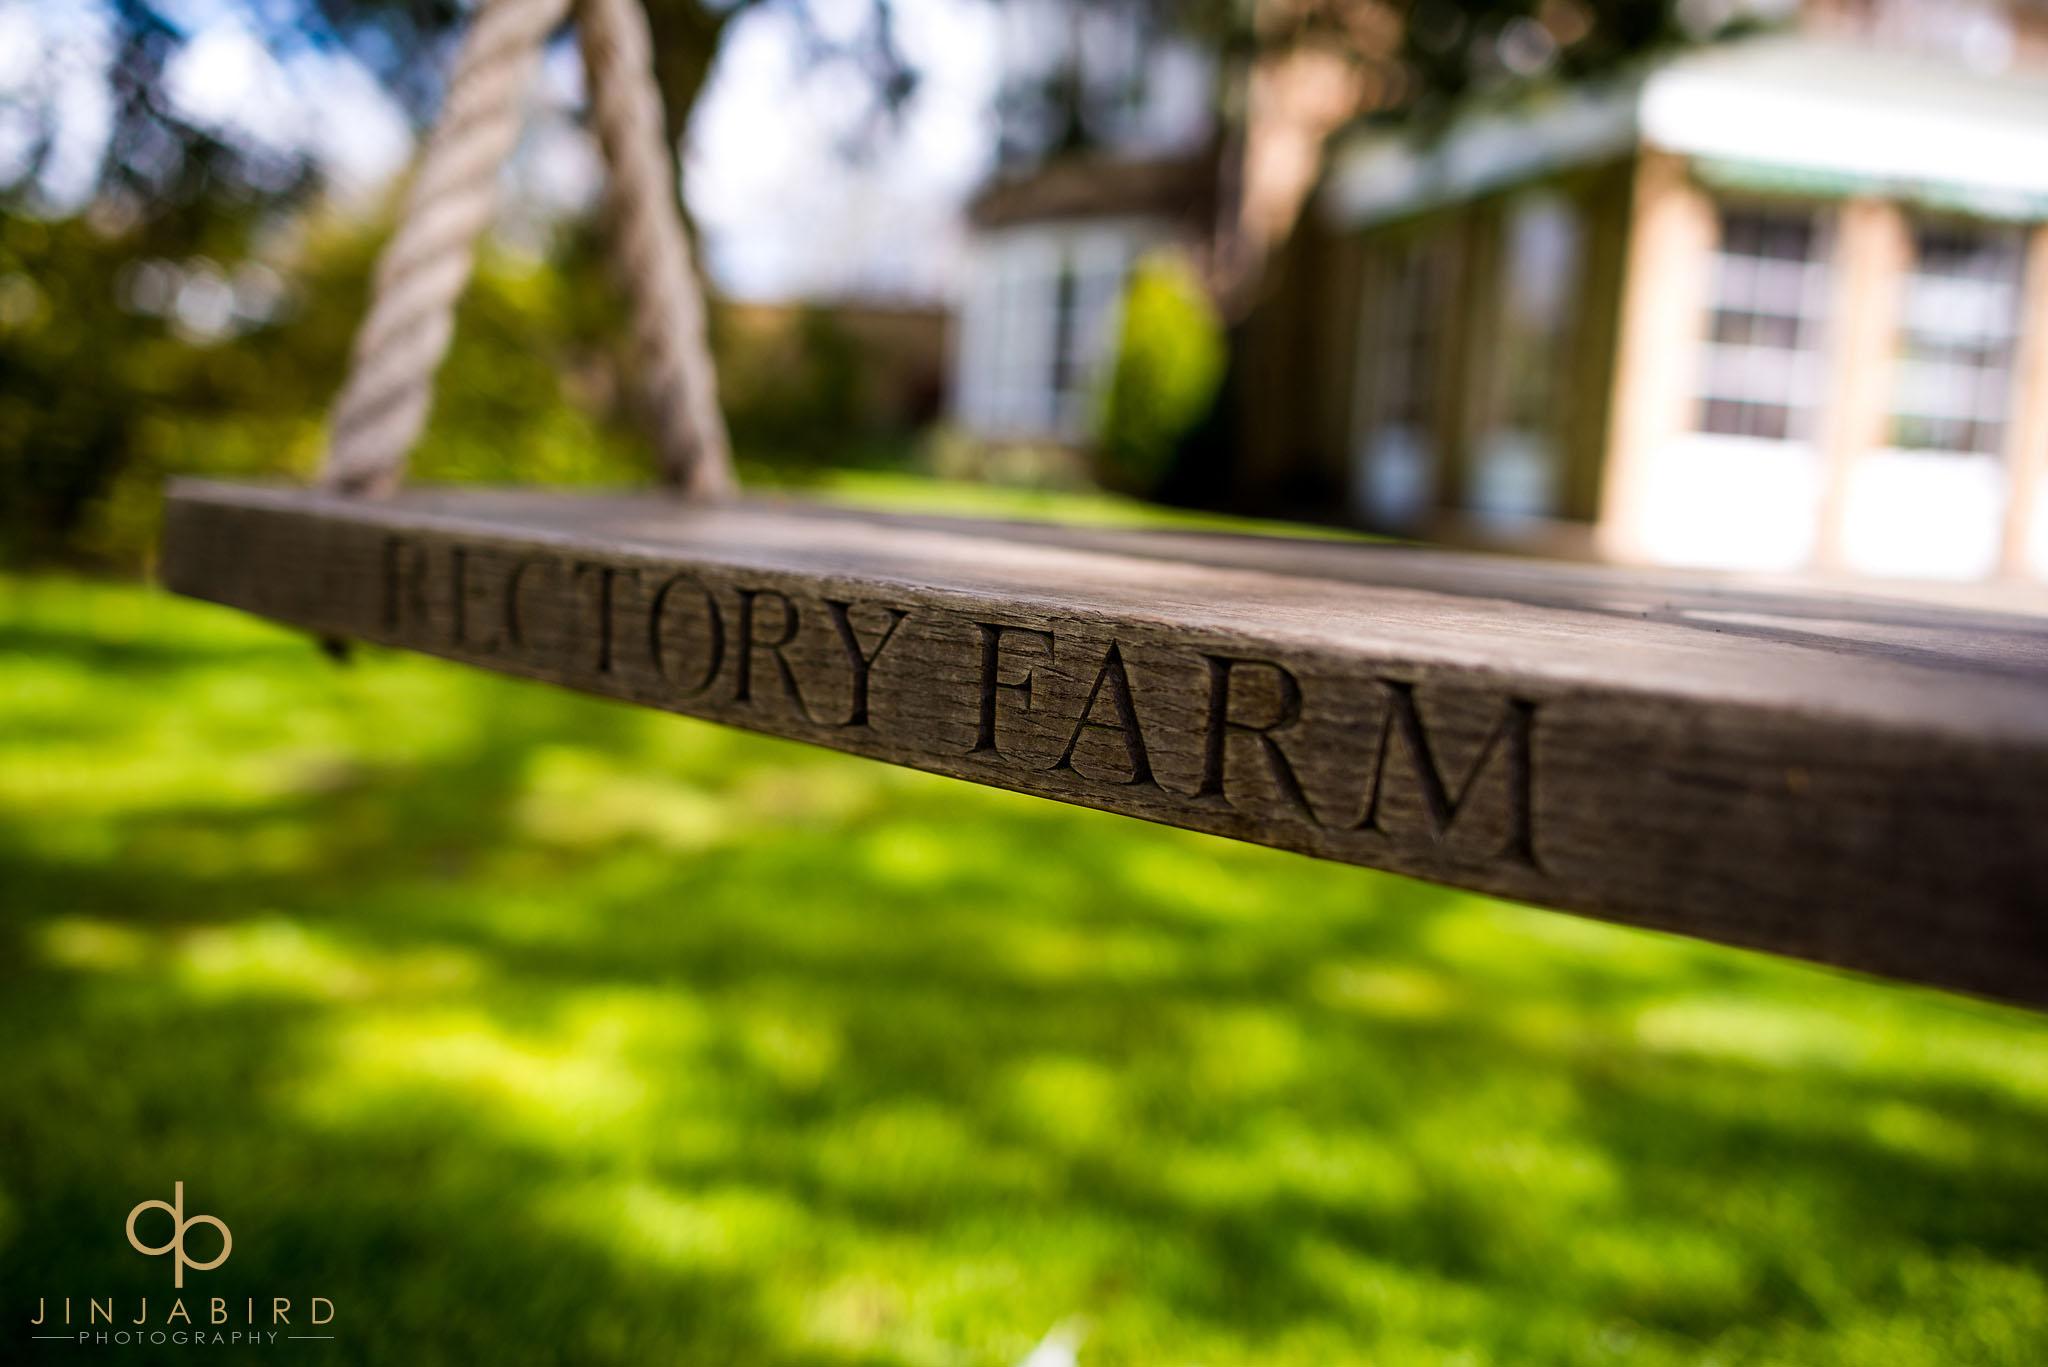 rectory farm wedding venue